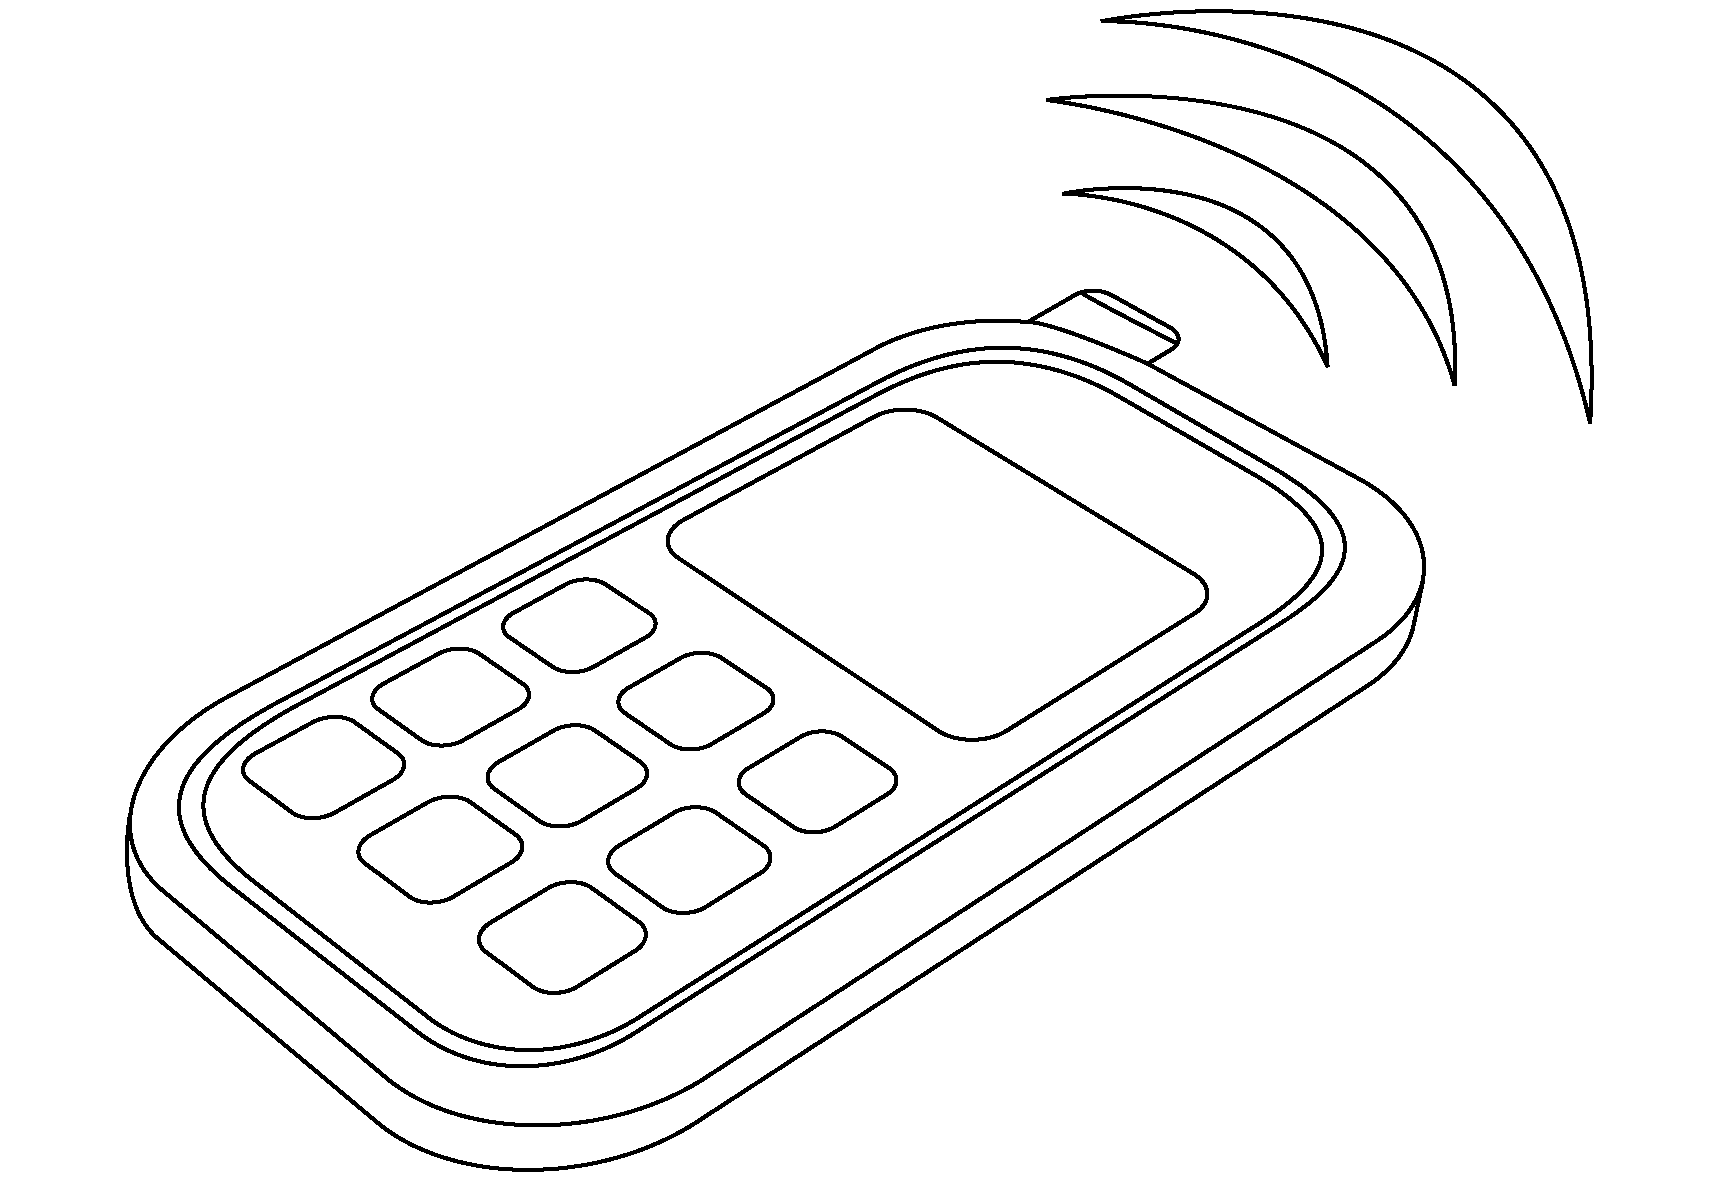 iphone 11 zum ausmalen  iphone 11